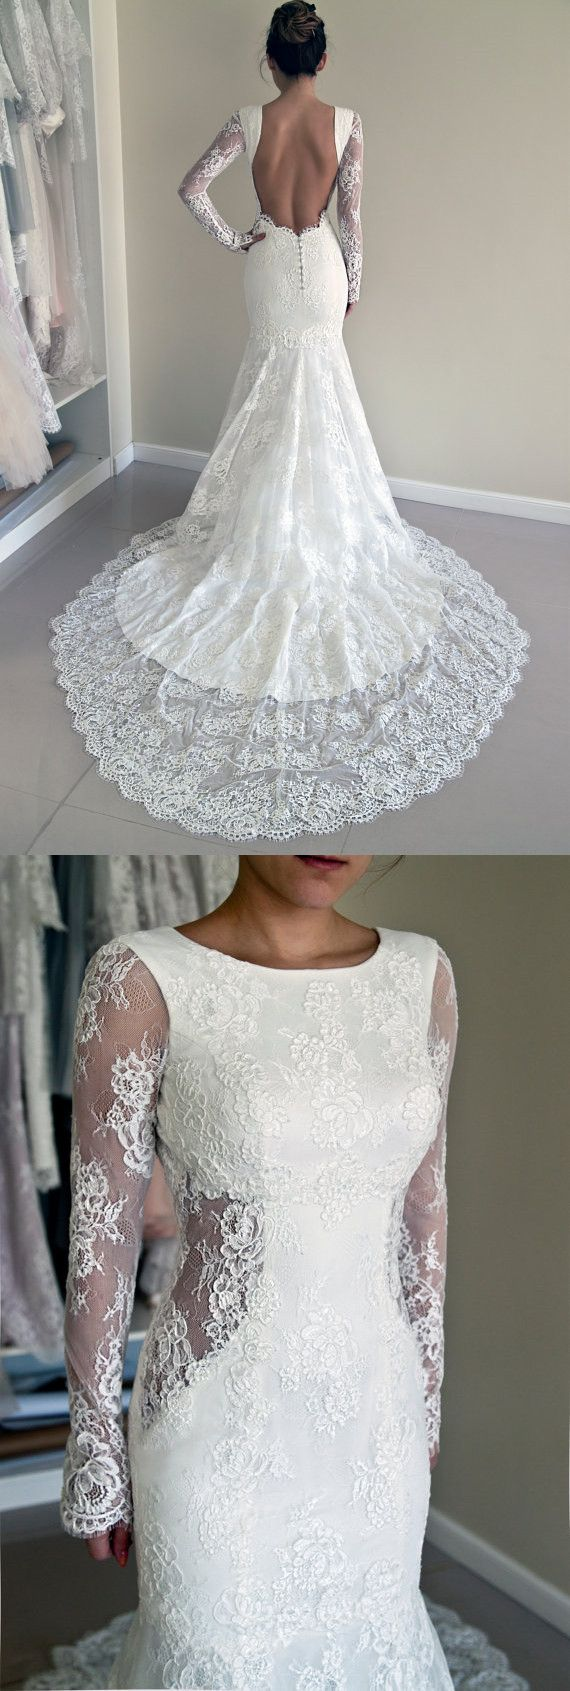 #wedding #lace 2016 wedding dresses, fall wedding dresses, white lace wedding…